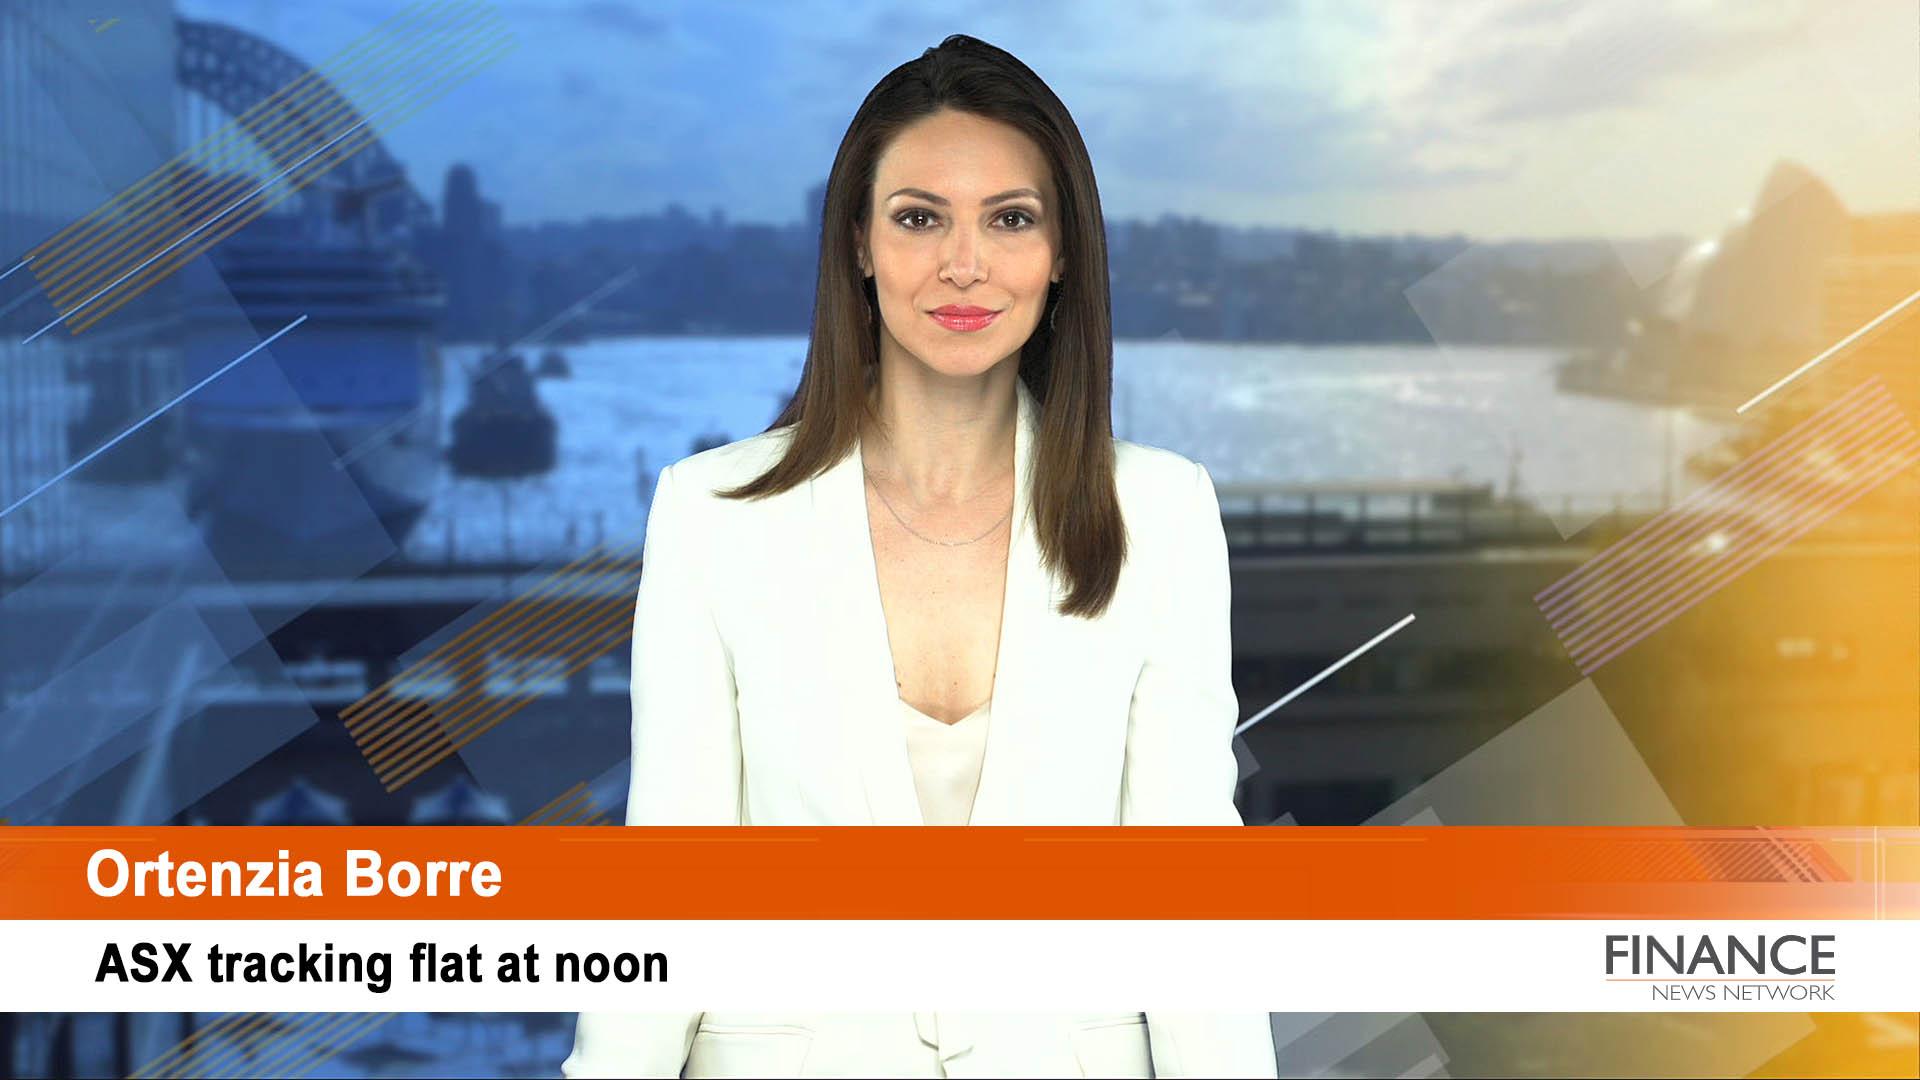 Qantas (ASX:QAN) teams up with Afterpay (ASX:APT): Aus shares flat at noon